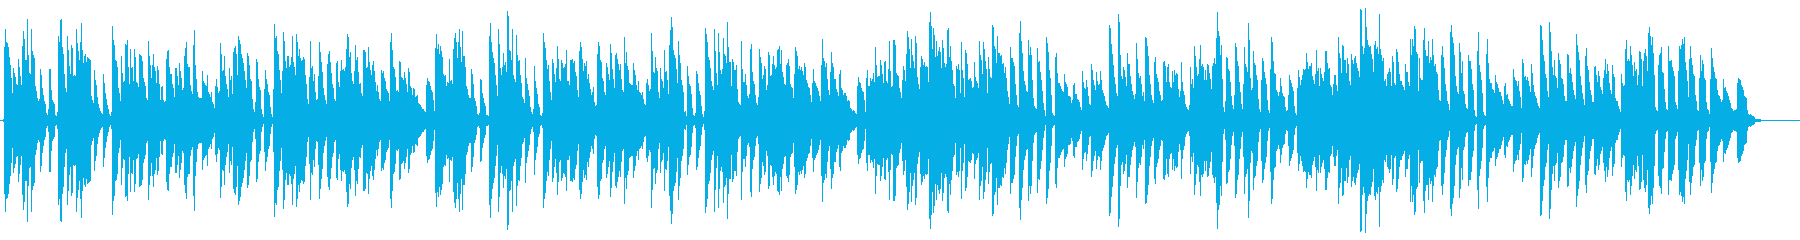 バッハ/メヌエット第3番をヴァイオリンでの再生済みの波形